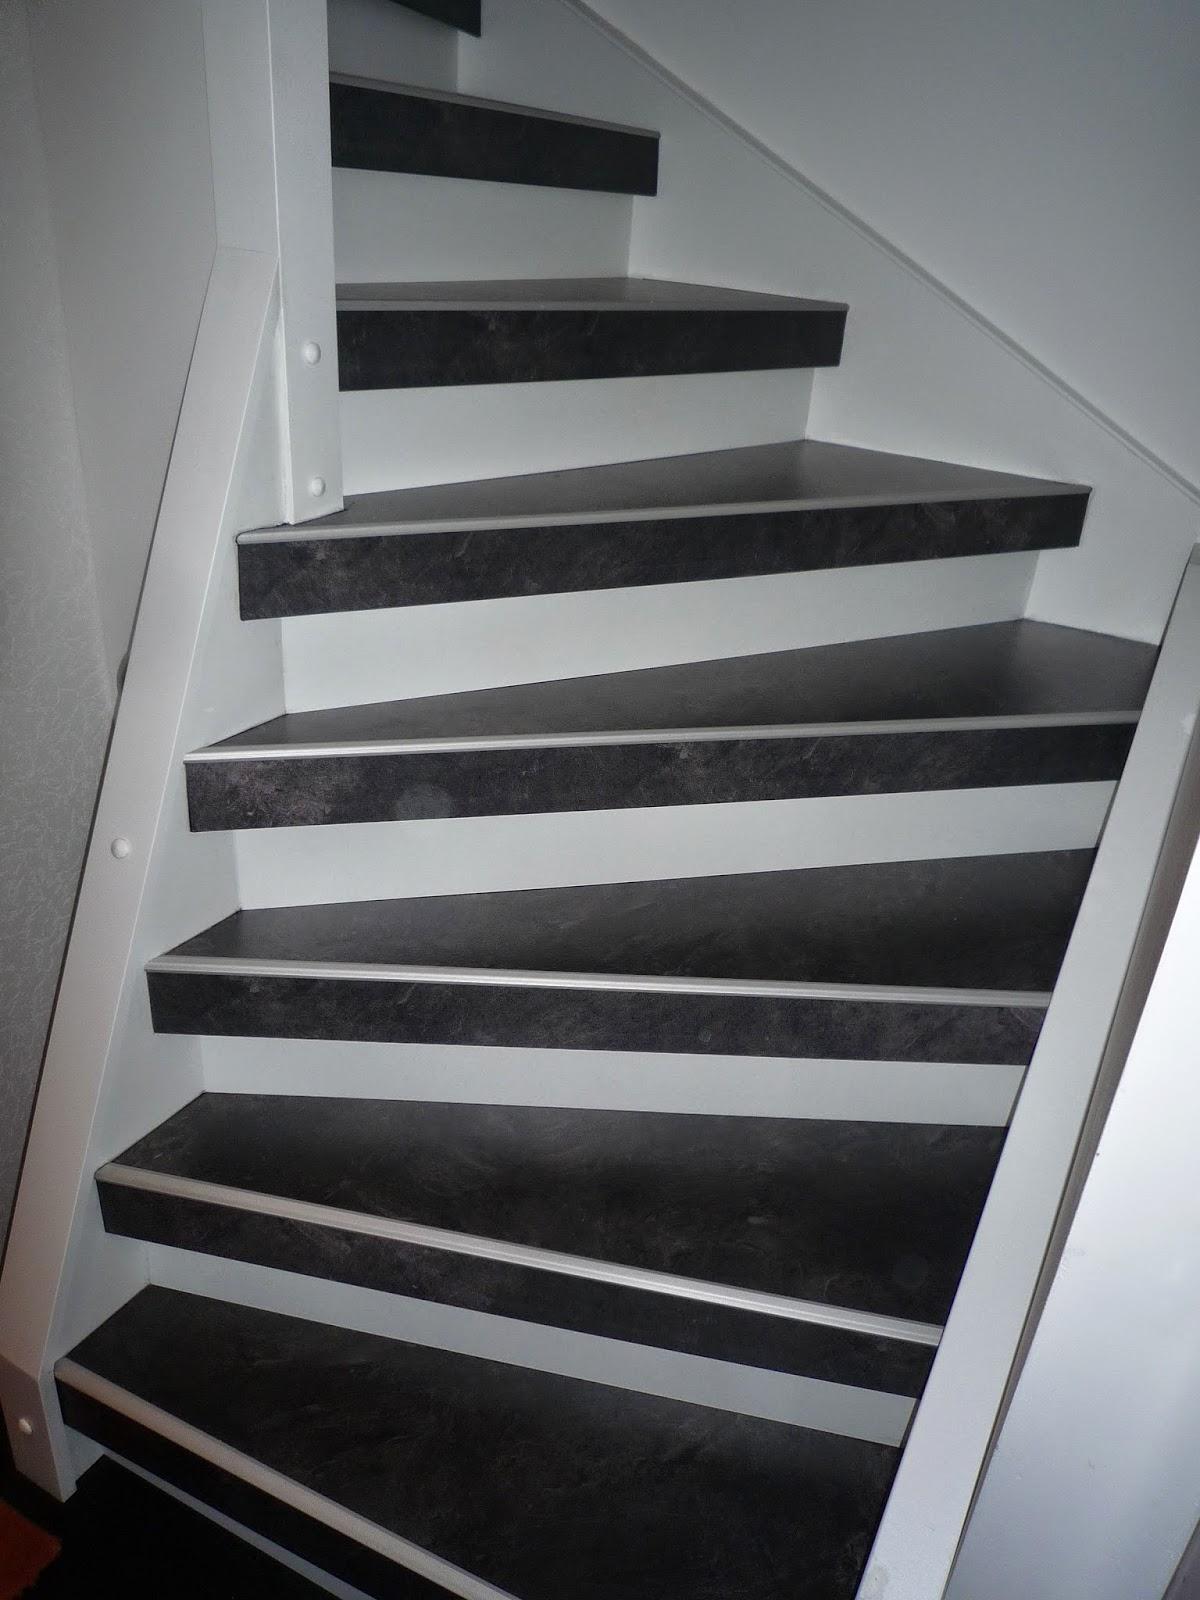 Treppenrenovierung in Dekor-Kombination Stufen Anthrazit - Setzstufen weiß